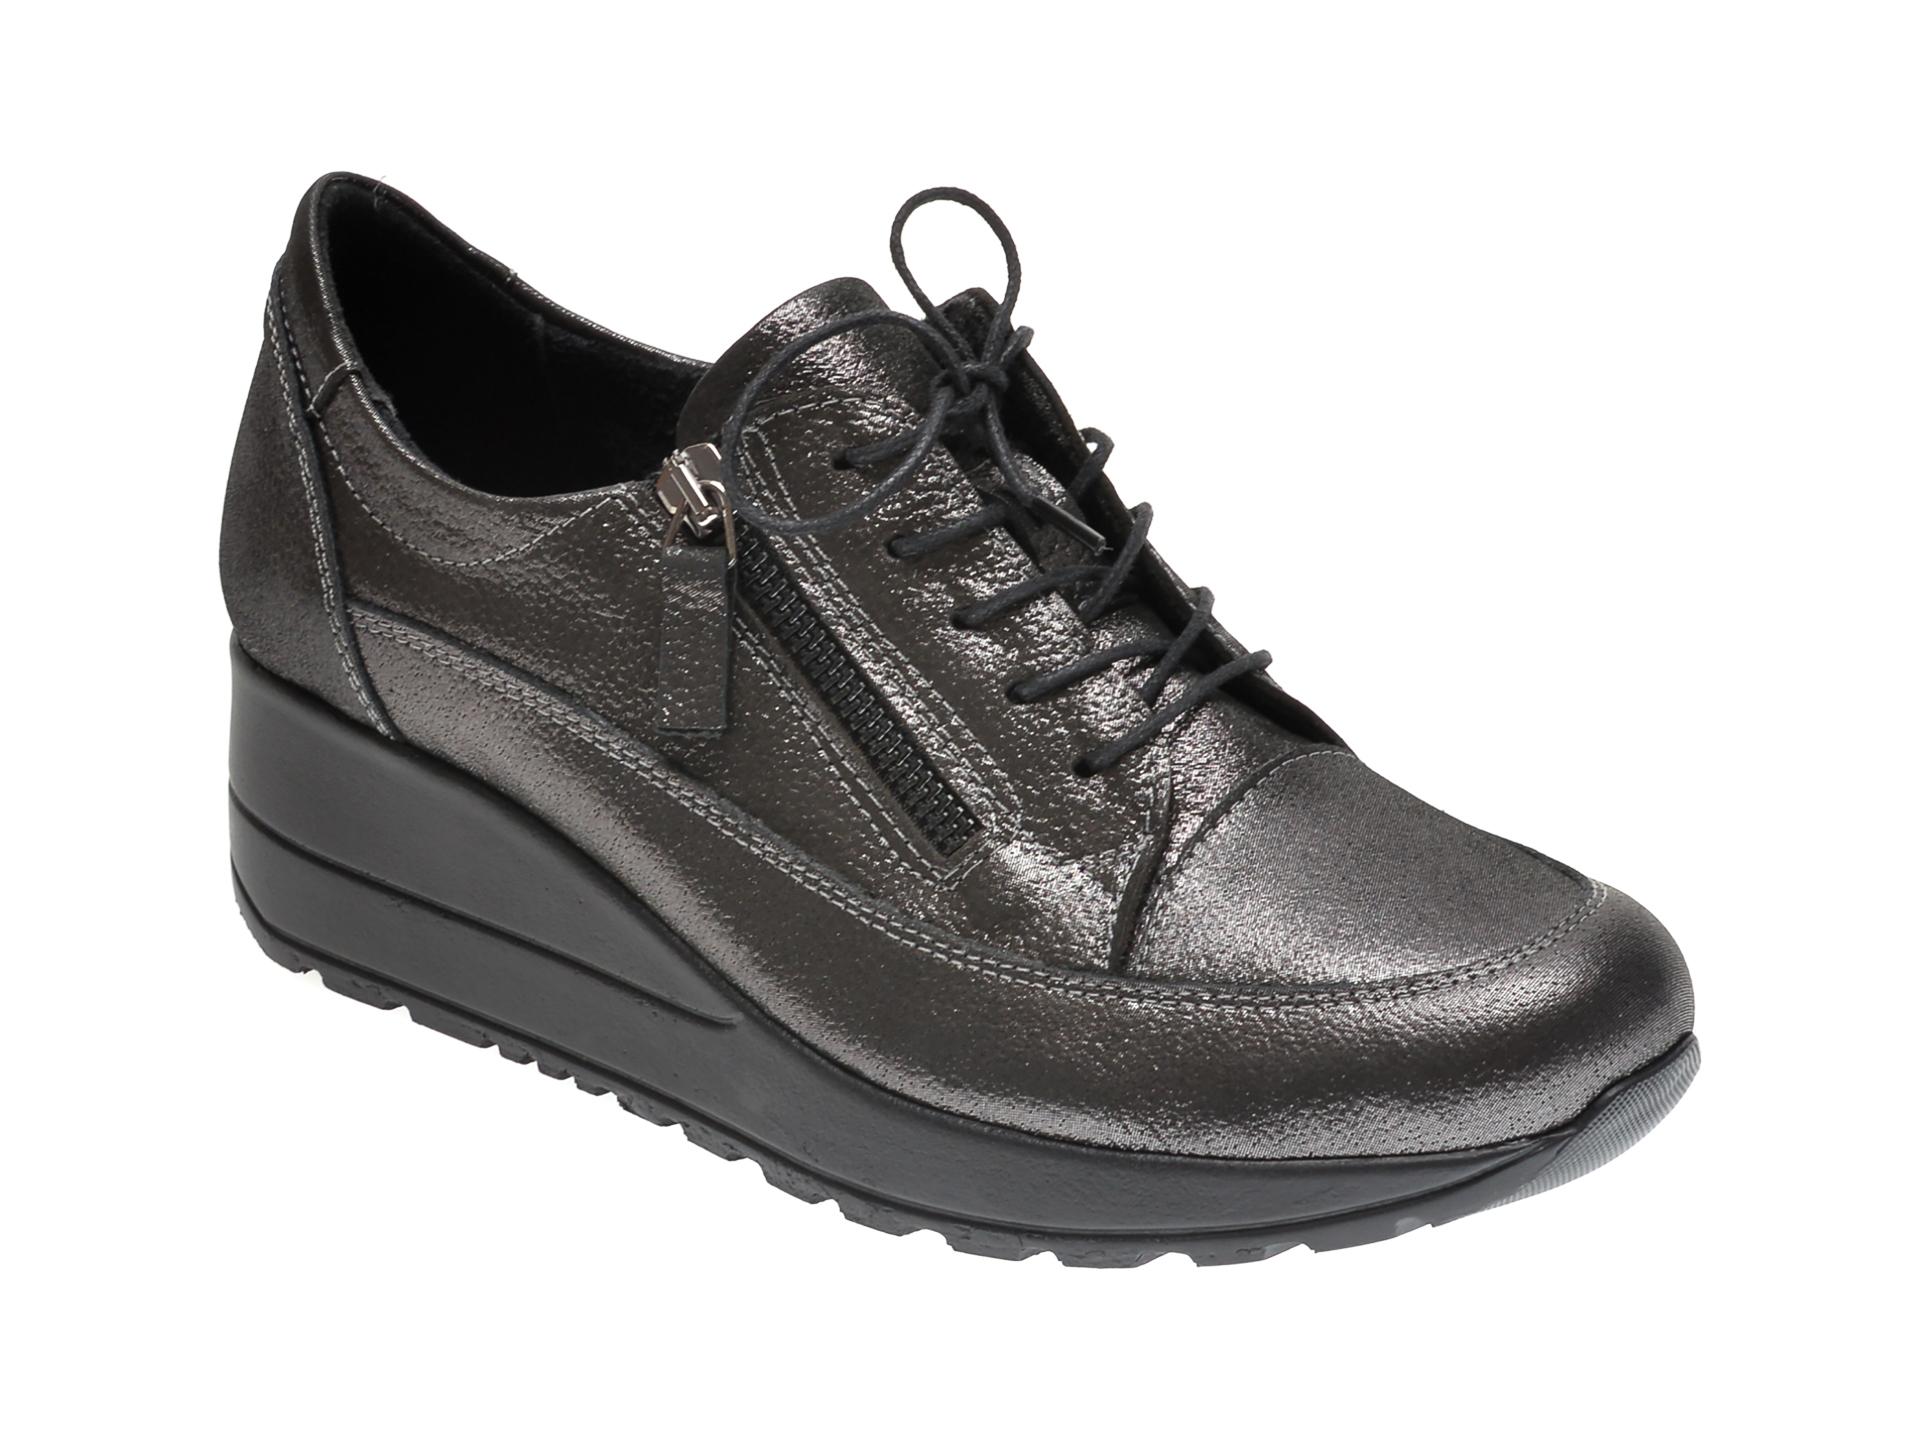 Pantofi ILOZ argintii, 8009, din piele naturala imagine